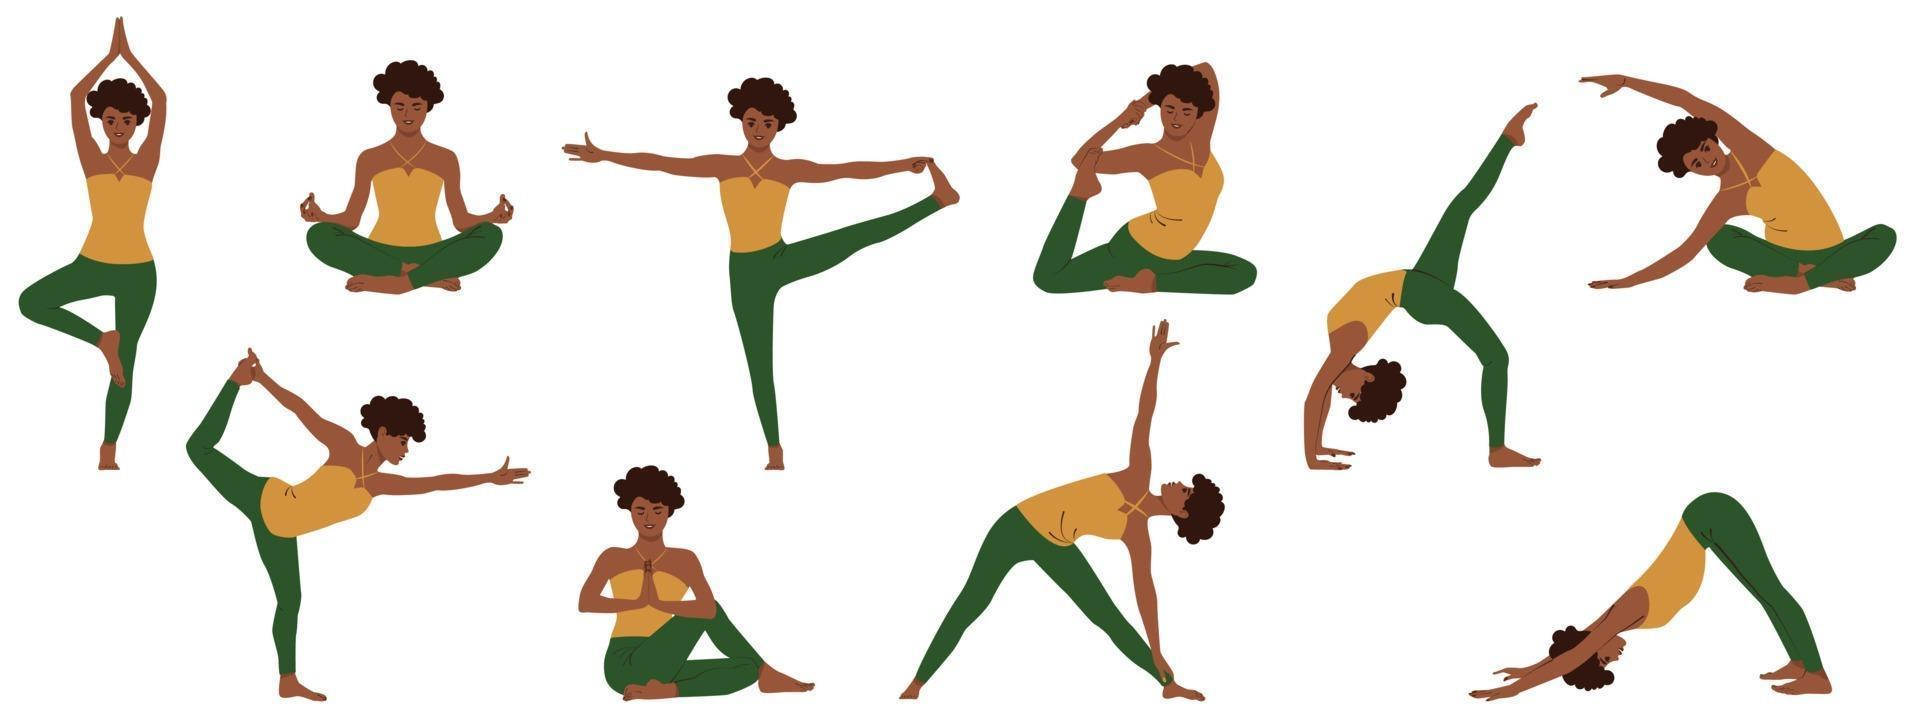 yoga houdingen ingesteld. verzameling van jonge Afro-Amerikaanse vrouw demonstreren verschillende doen asana's posities van slapeloosheid en om te ontspannen. geïsoleerde platte vectorillustratie vector